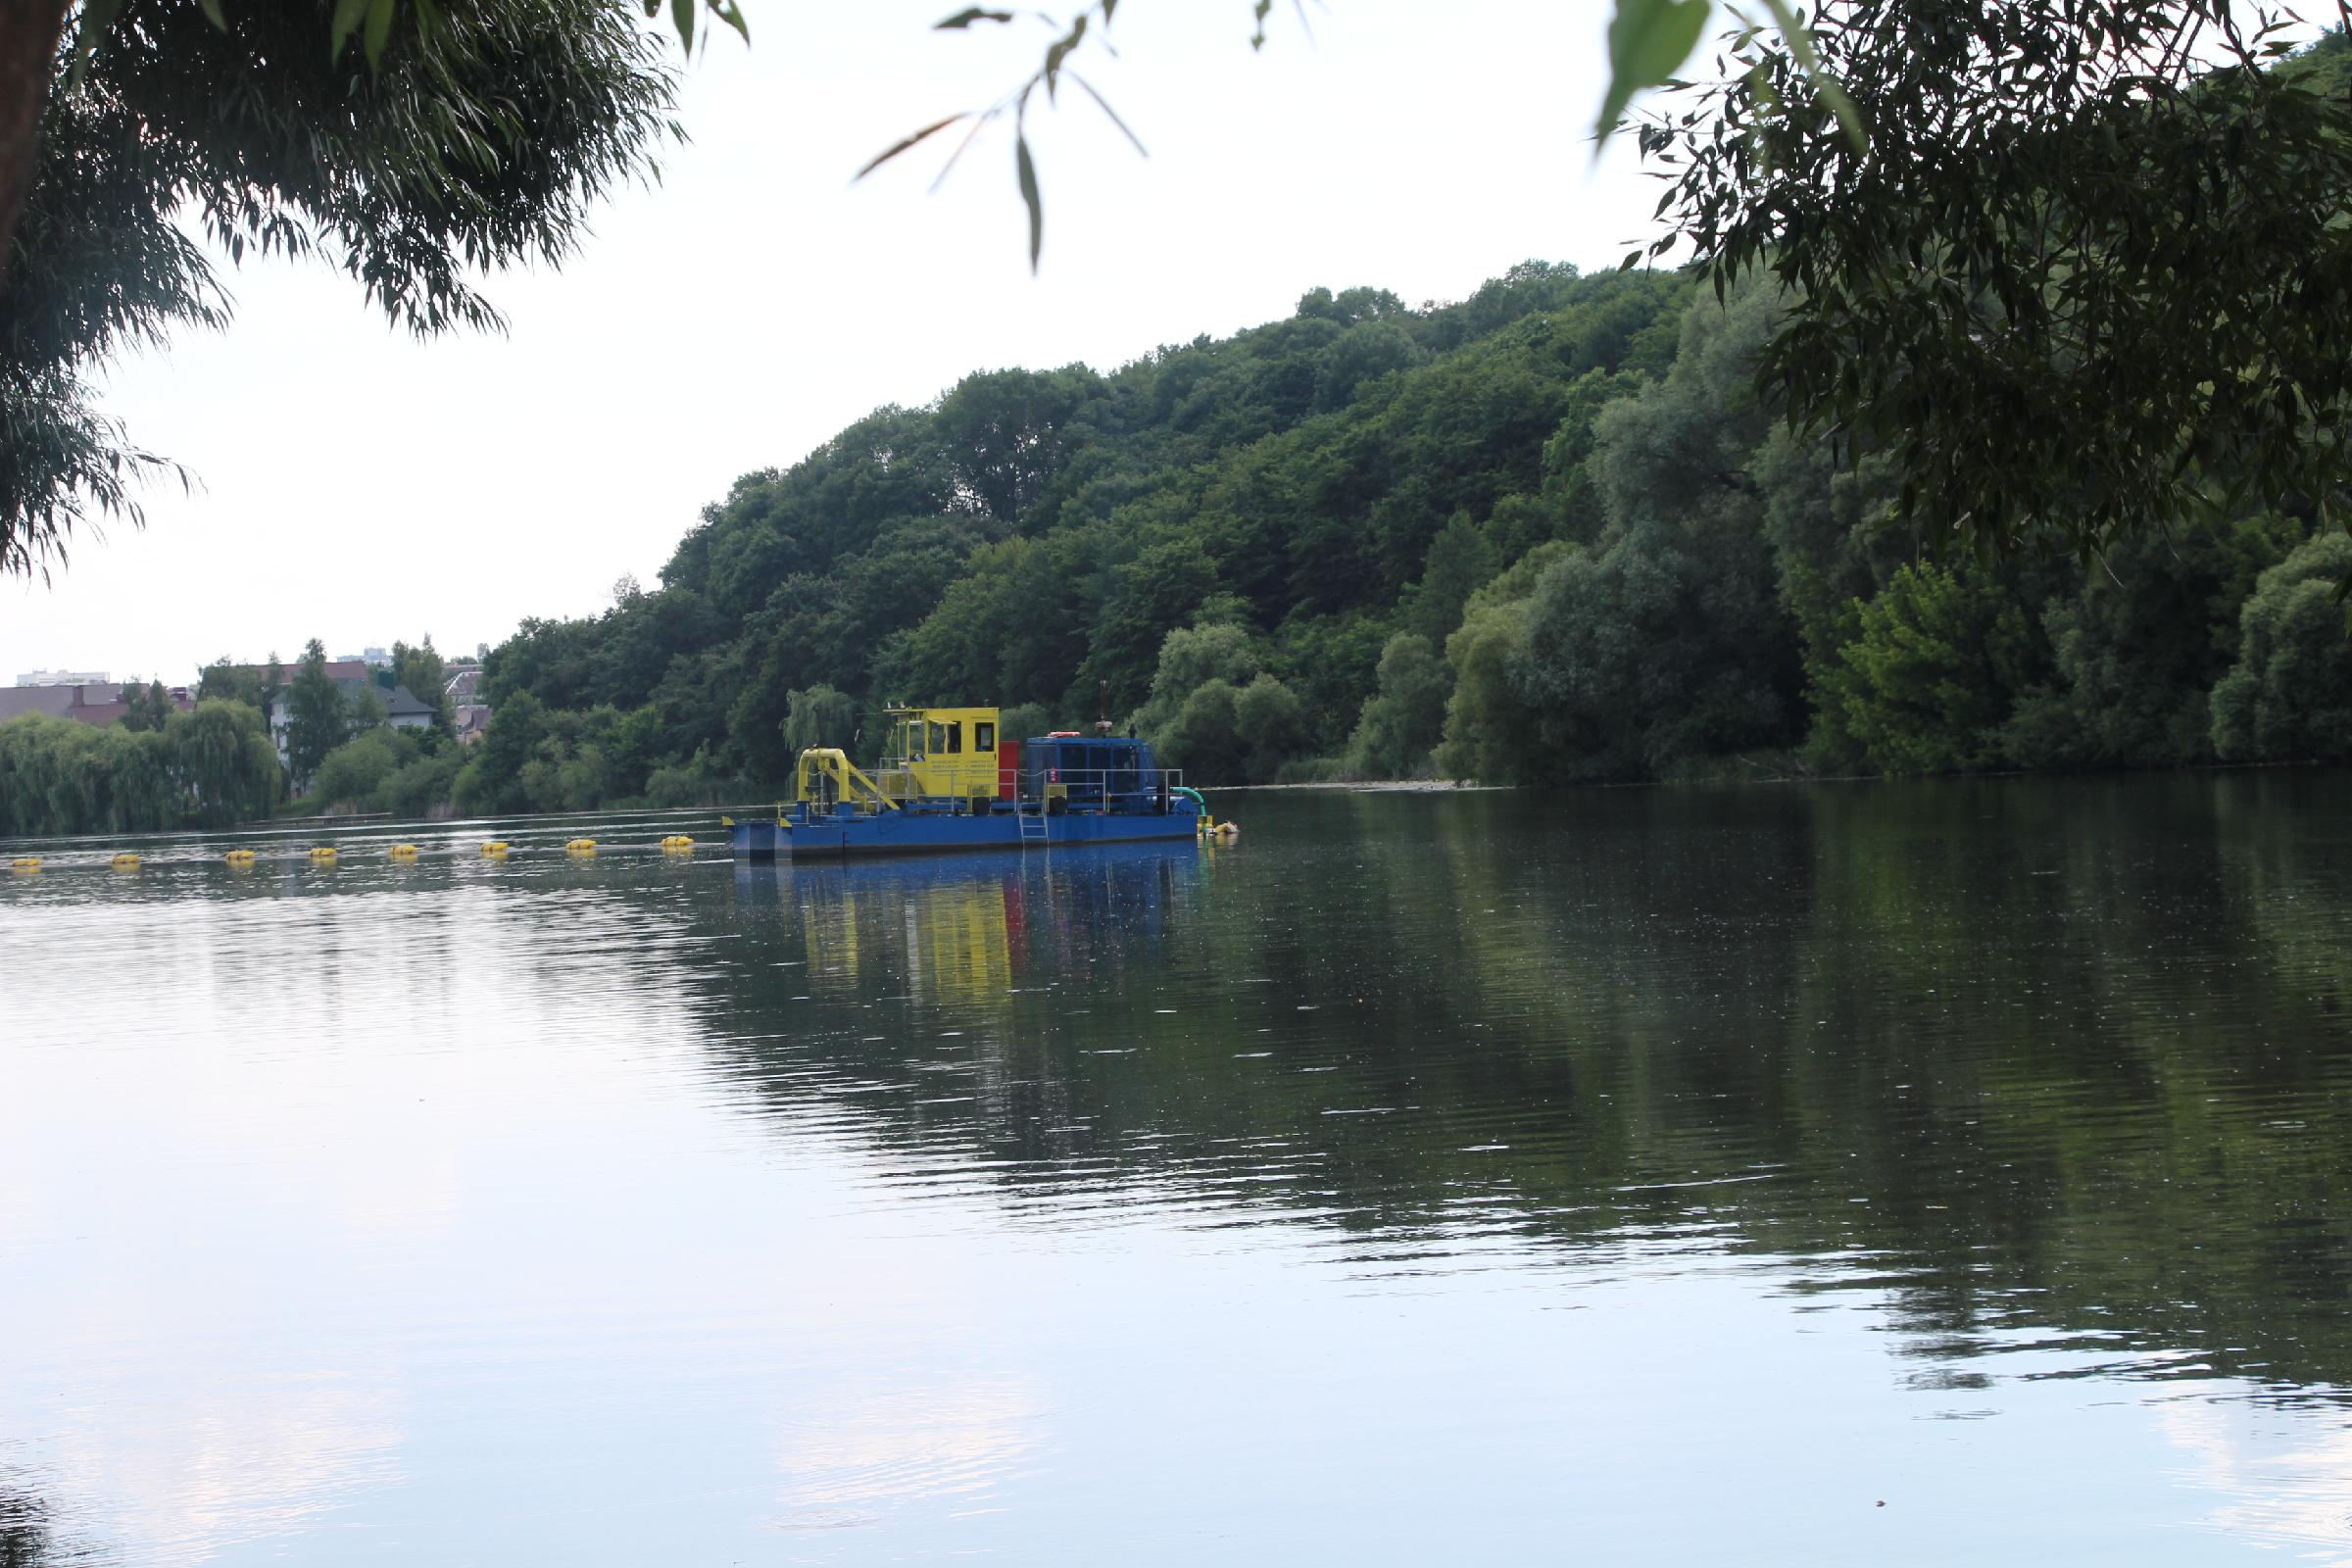 Очистка Південного Бугу земснарядом: чи варто очікувати зникнення смороду води влітку? (Фото)